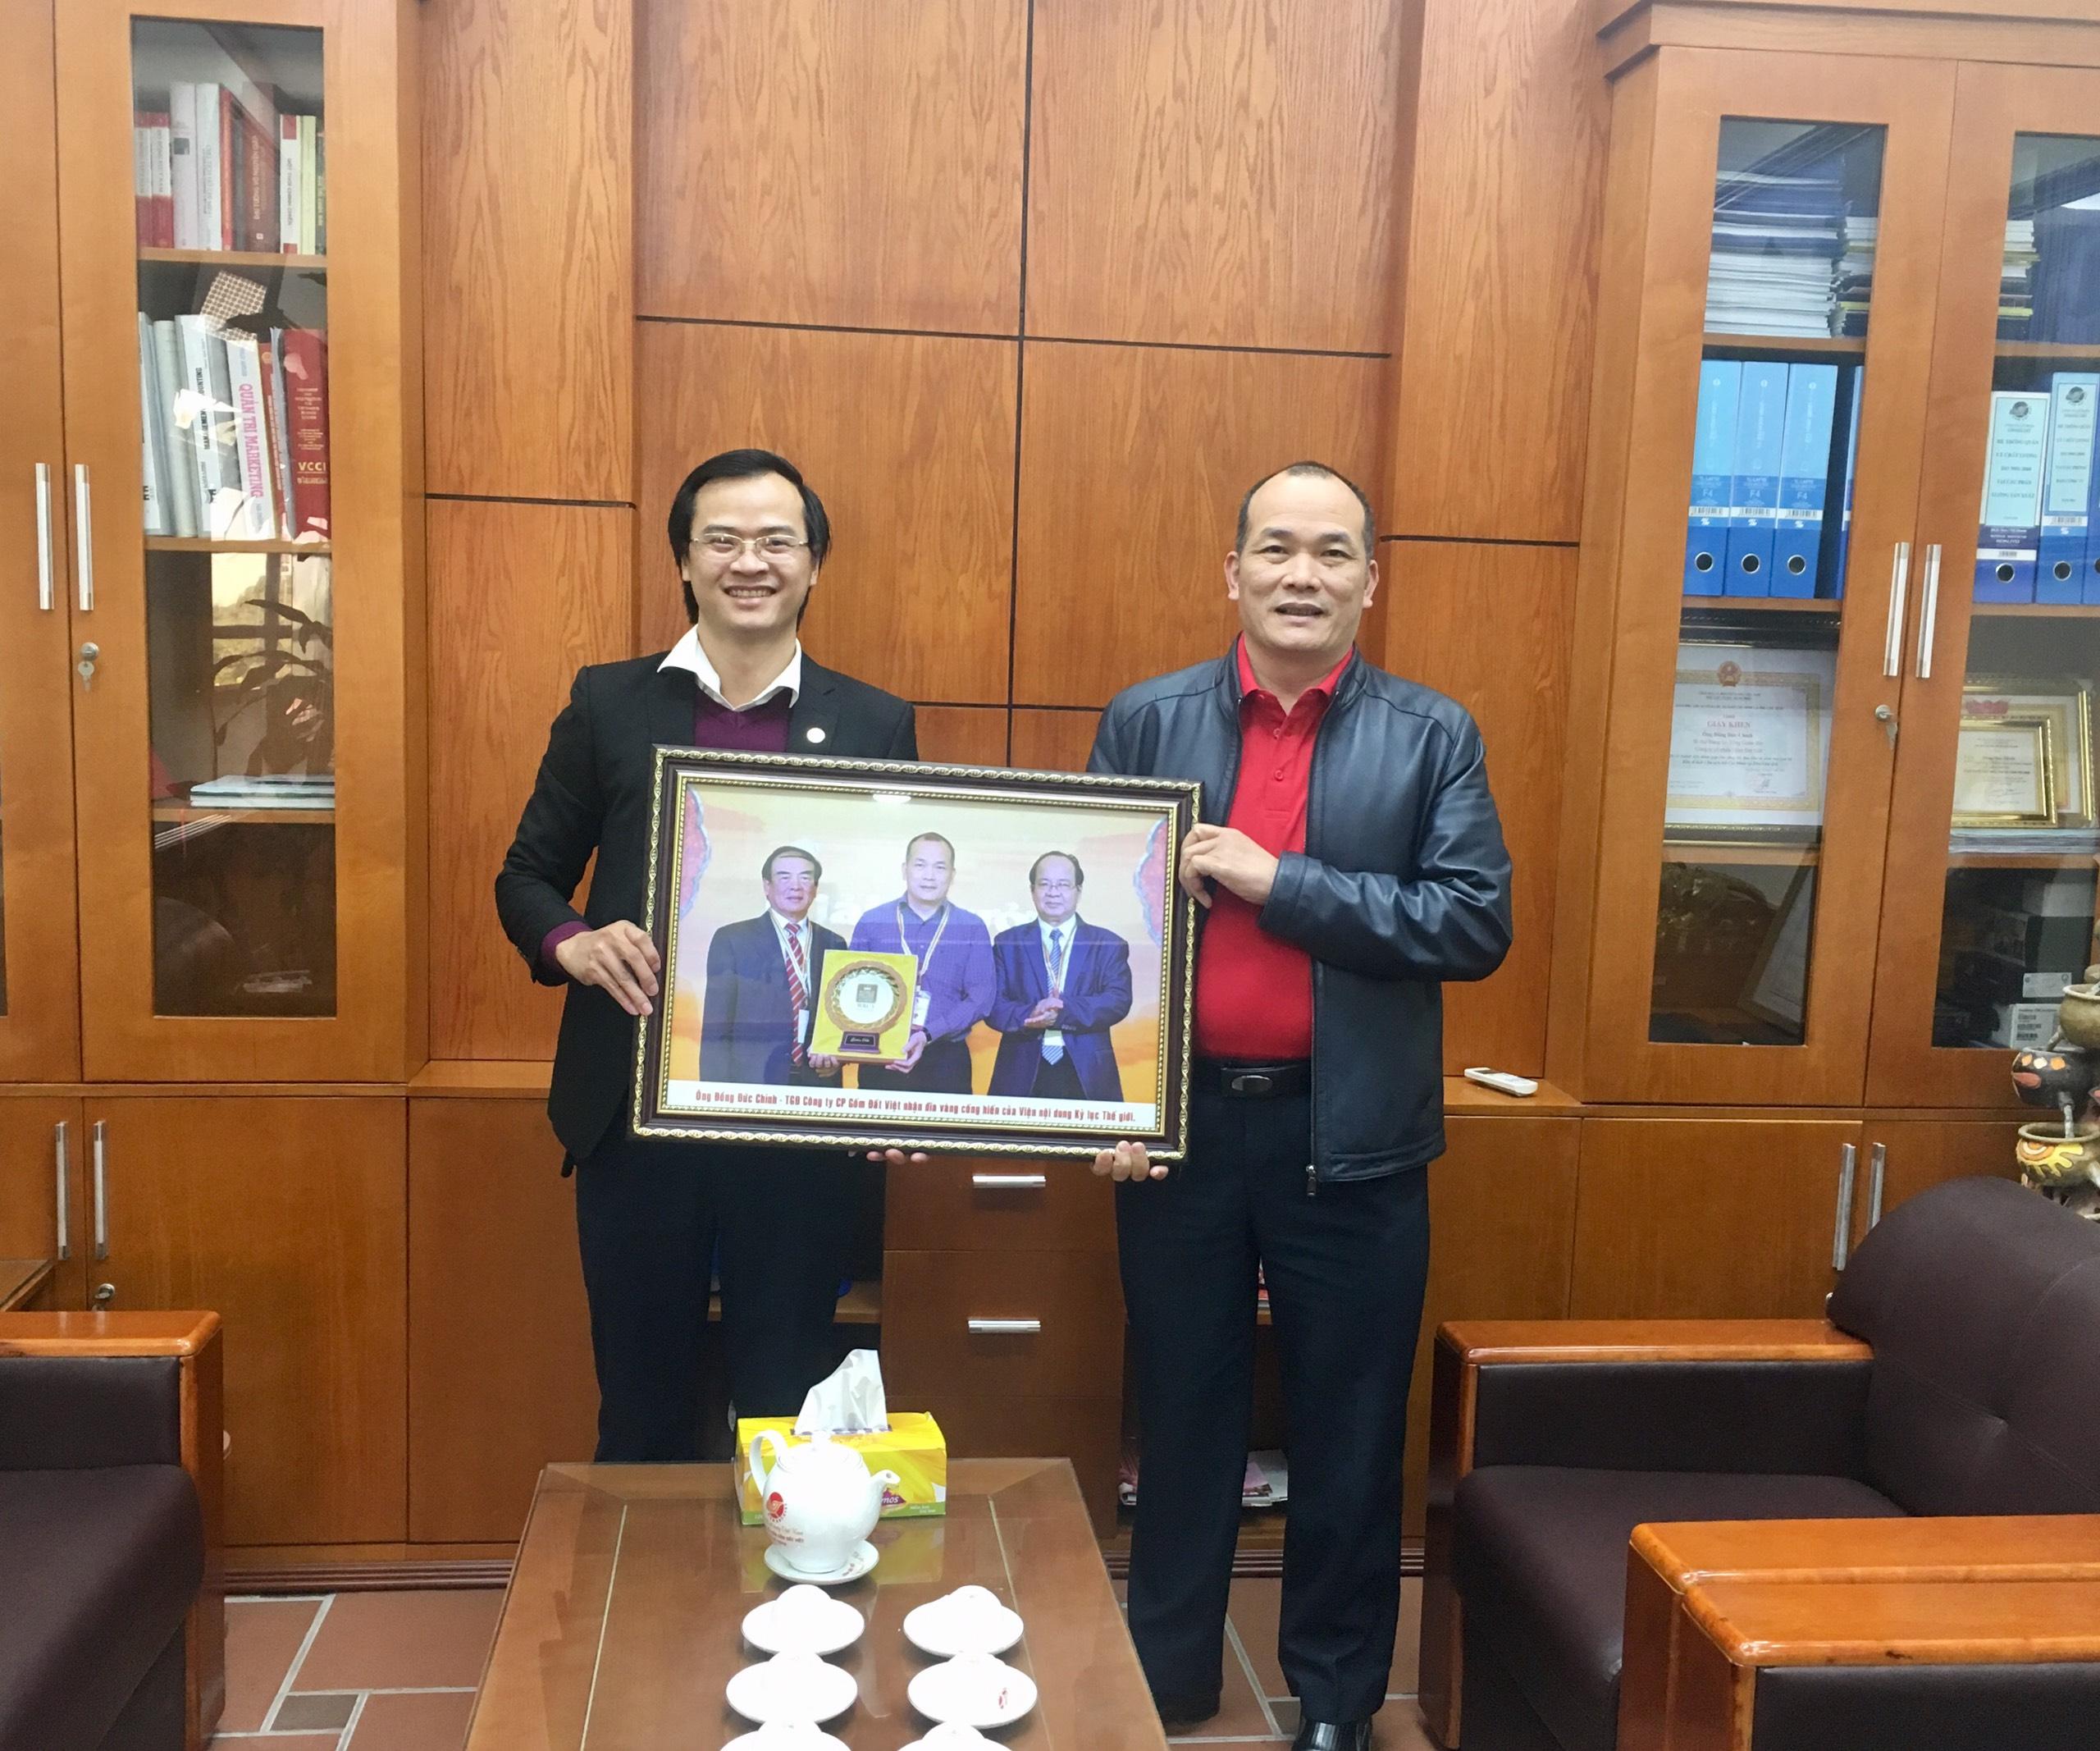 Ông Hoàng Thái Tuấn Anh, Tổng thư ký Tổ chức Kỷ lục Đông Dương, Trưởng đại diện Văn phòng Kỷ lục Miền Bắc tham dự sự kiện và tặng quà tới ông Đồng Đức Chính, TGĐ Công ty CP Gốm Đất Việt.